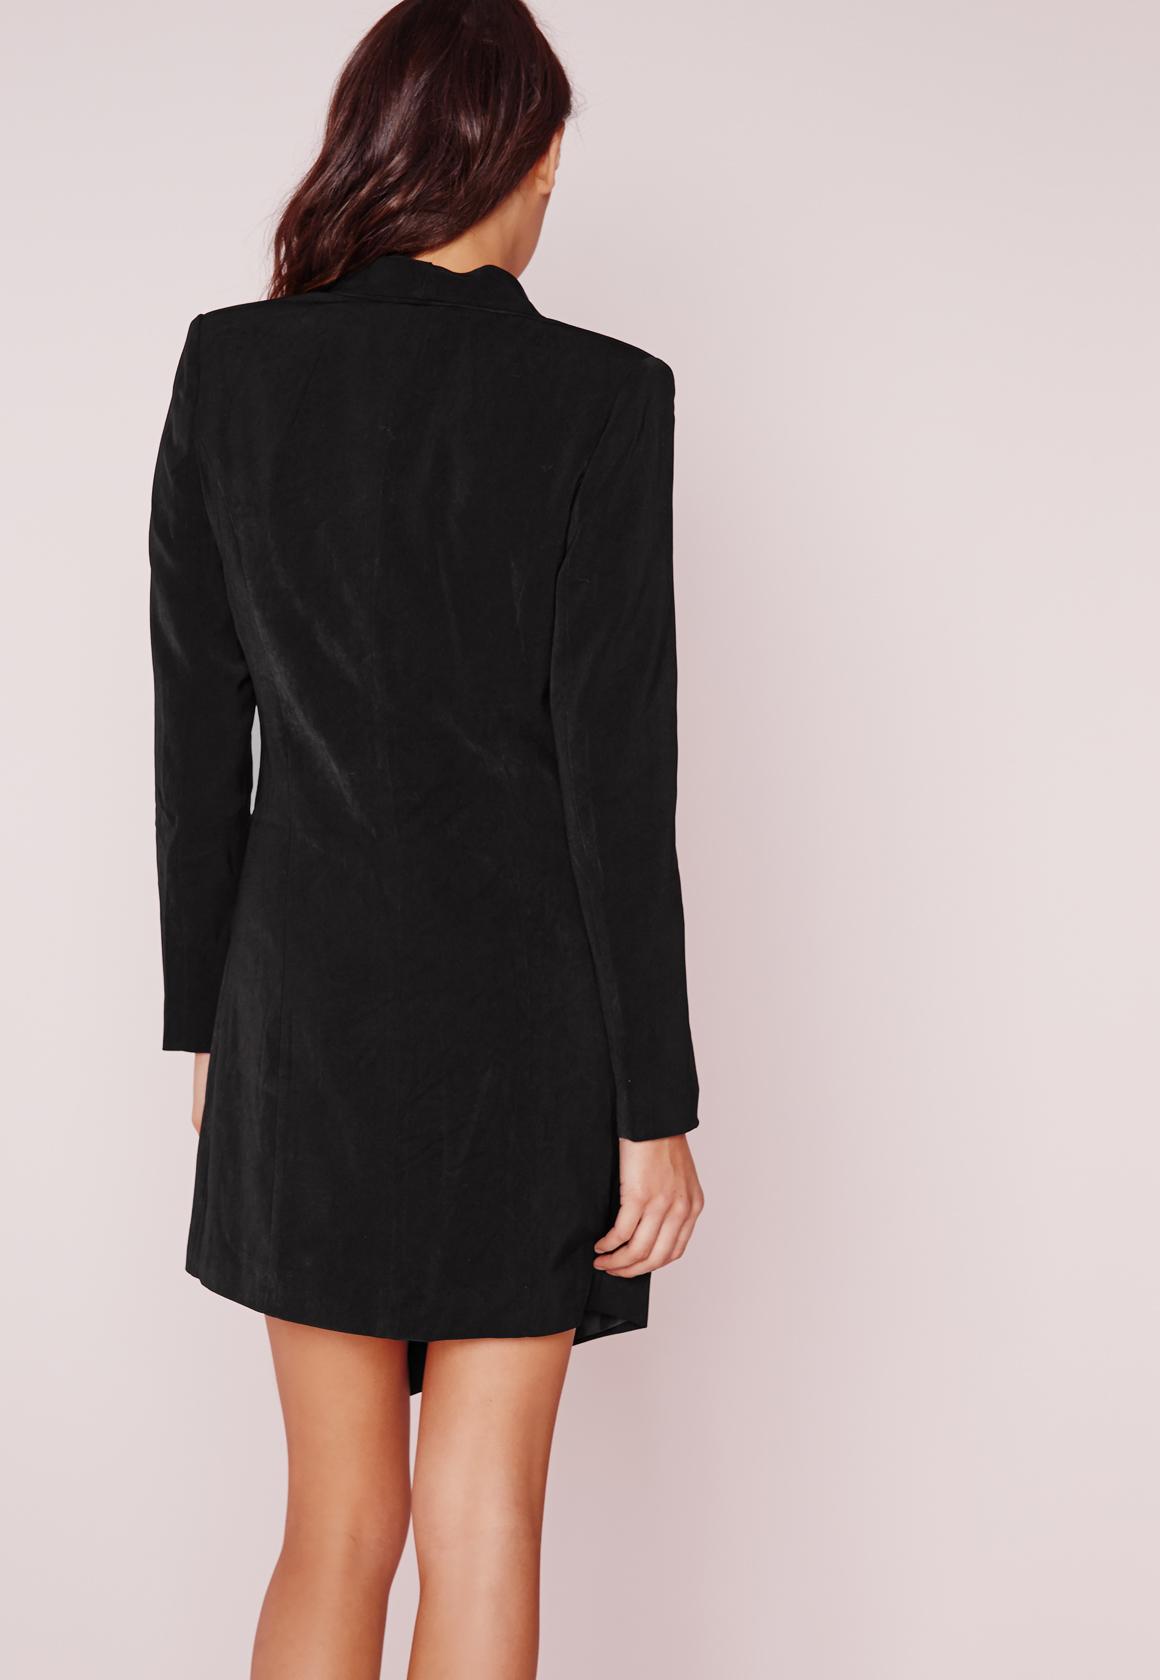 Zara Lace Up Slit Zipper Plain Skirts for men